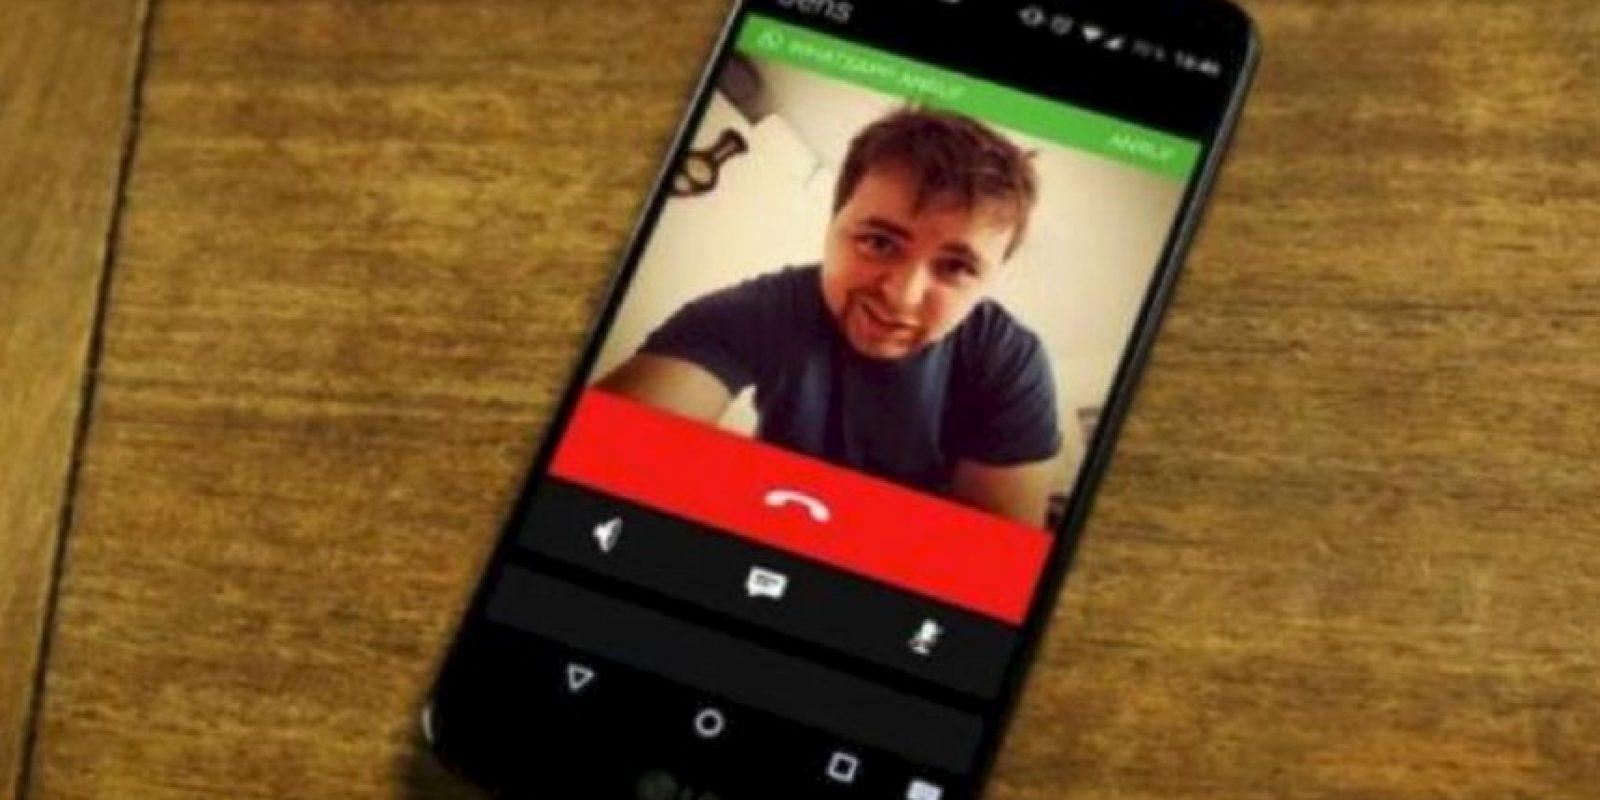 Las llamadas son gratuitas siempre y cuando estén conectados a una red Wi-Fi Foto:Tumblr